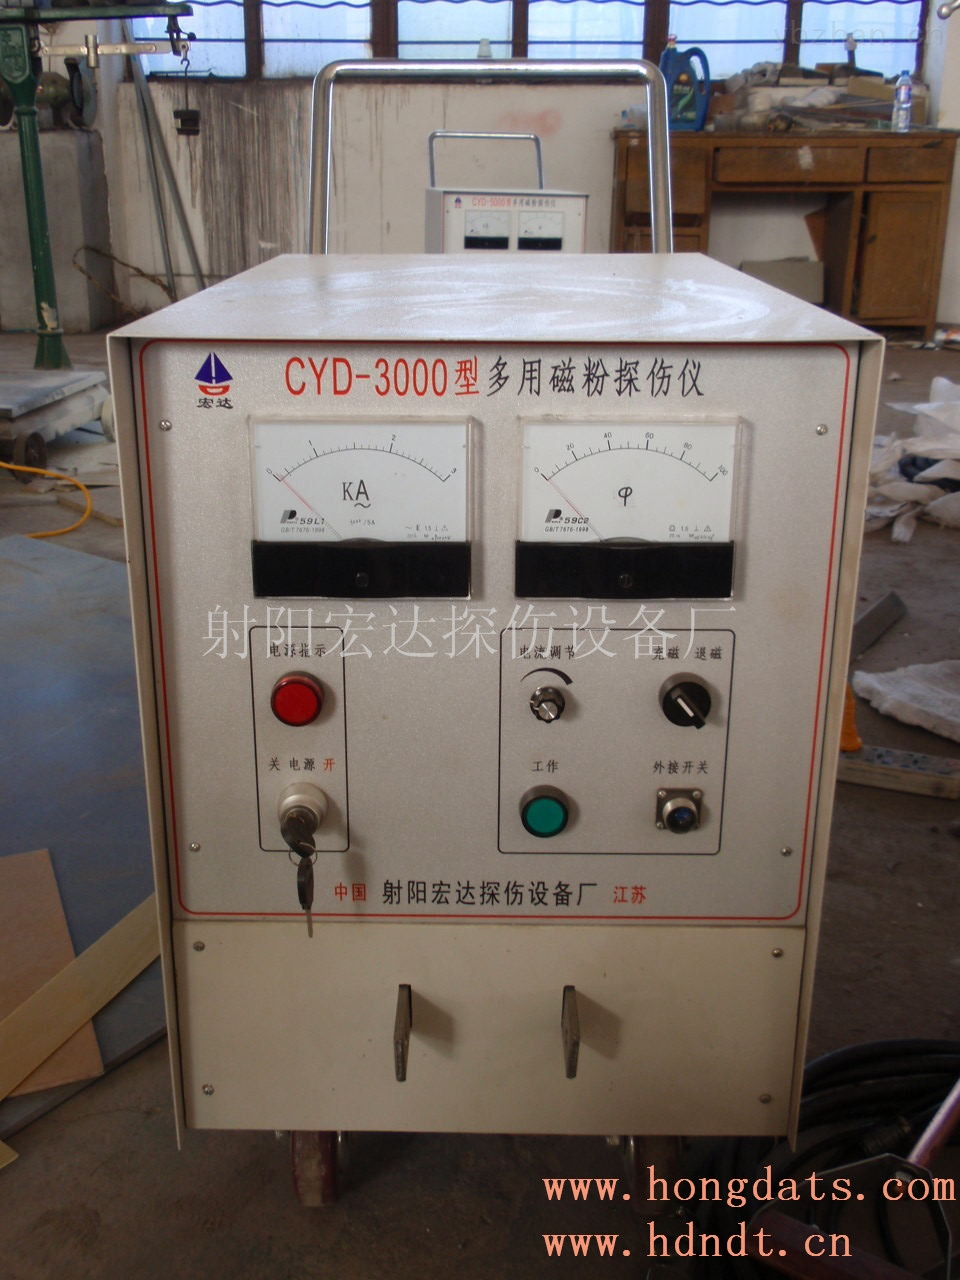 CYD-3000 型移动式微机控制磁粉探伤机